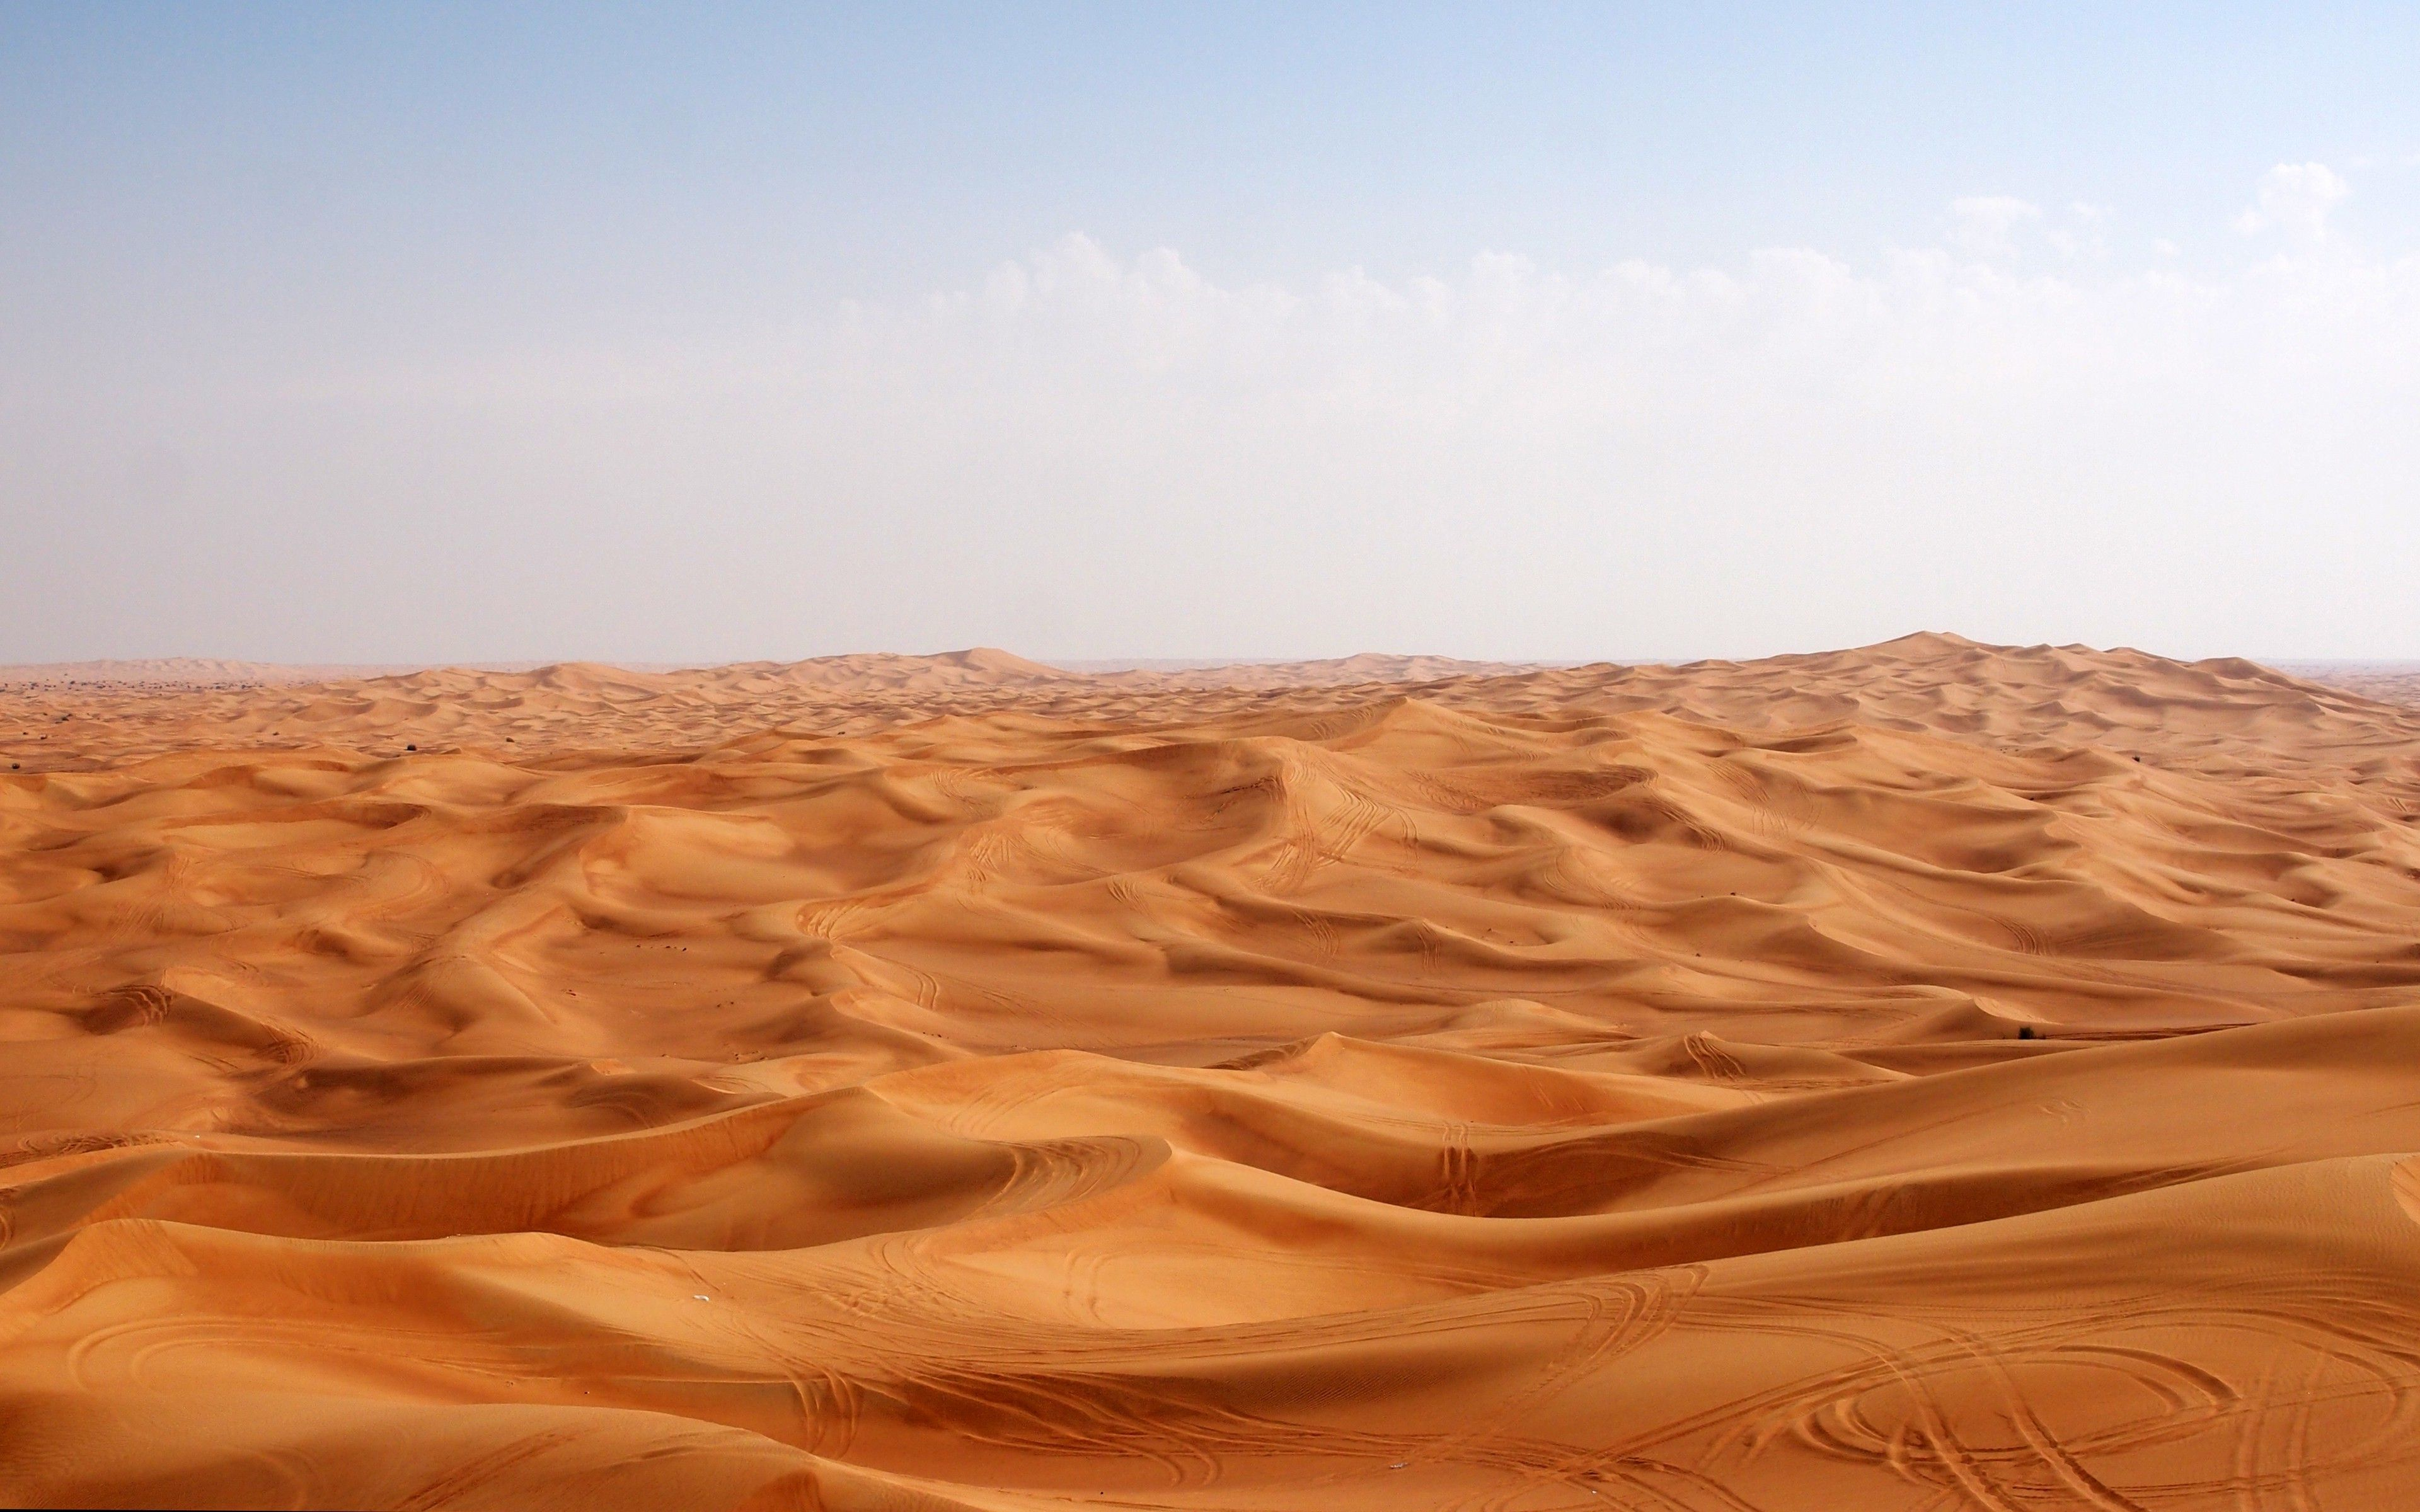 landscape nature desert sand dune wallpaper mobile wallpaper